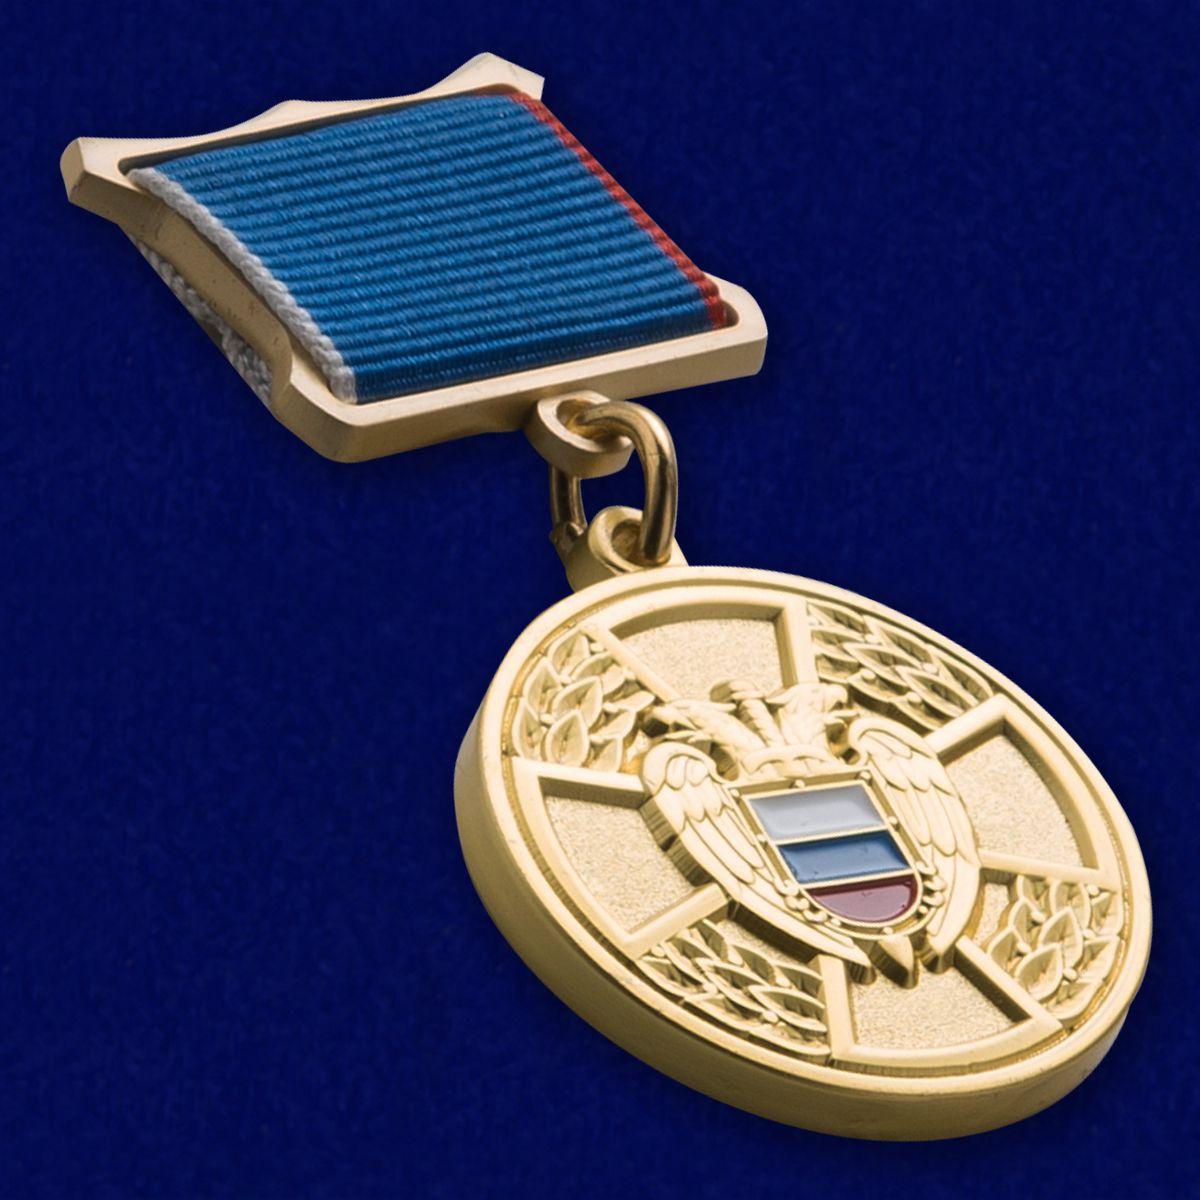 Медаль ФСО РФ За отличие в труде в бархатном футляре - Общий вид